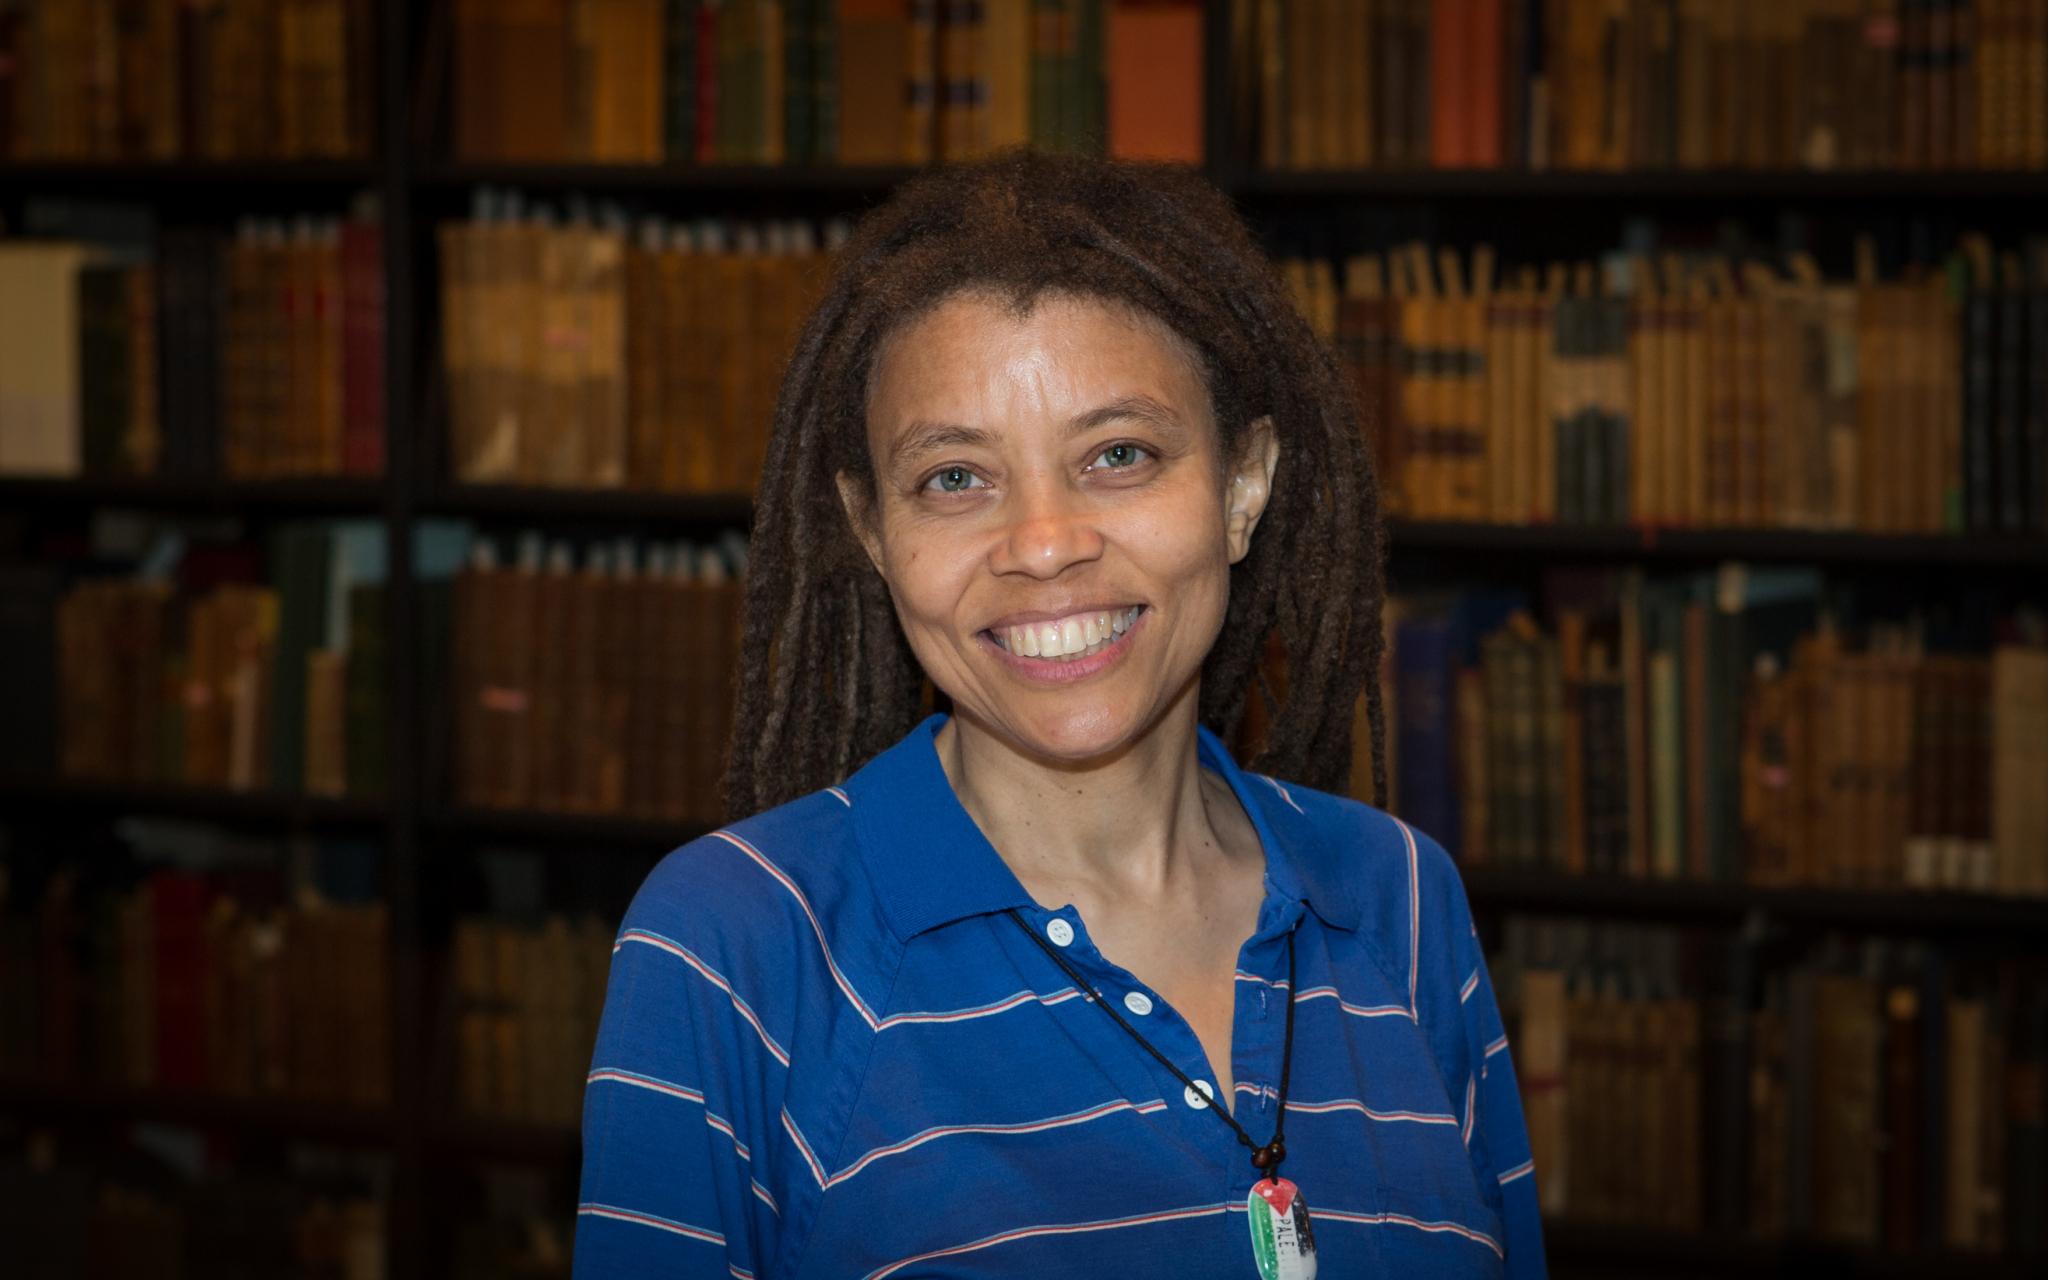 Congrats to Kia Corthron, winner of a $50K USA Fellowship